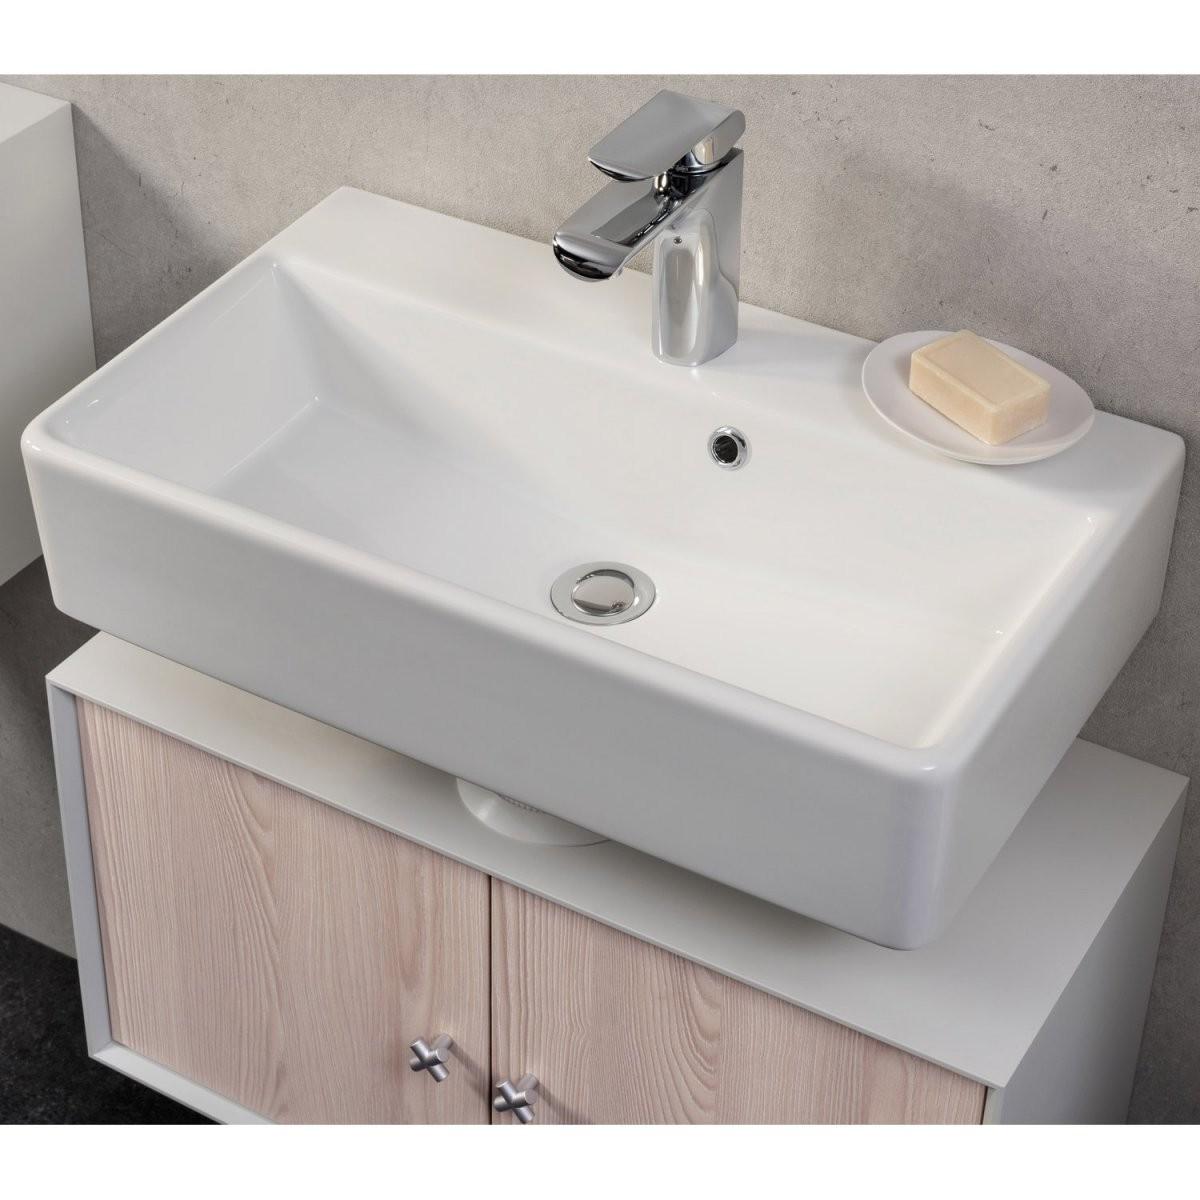 Fackelmann Waschbecken 60 Cm Ix Weiß Kaufen Bei Obi von Waschbecken 35 Cm Tief Bild